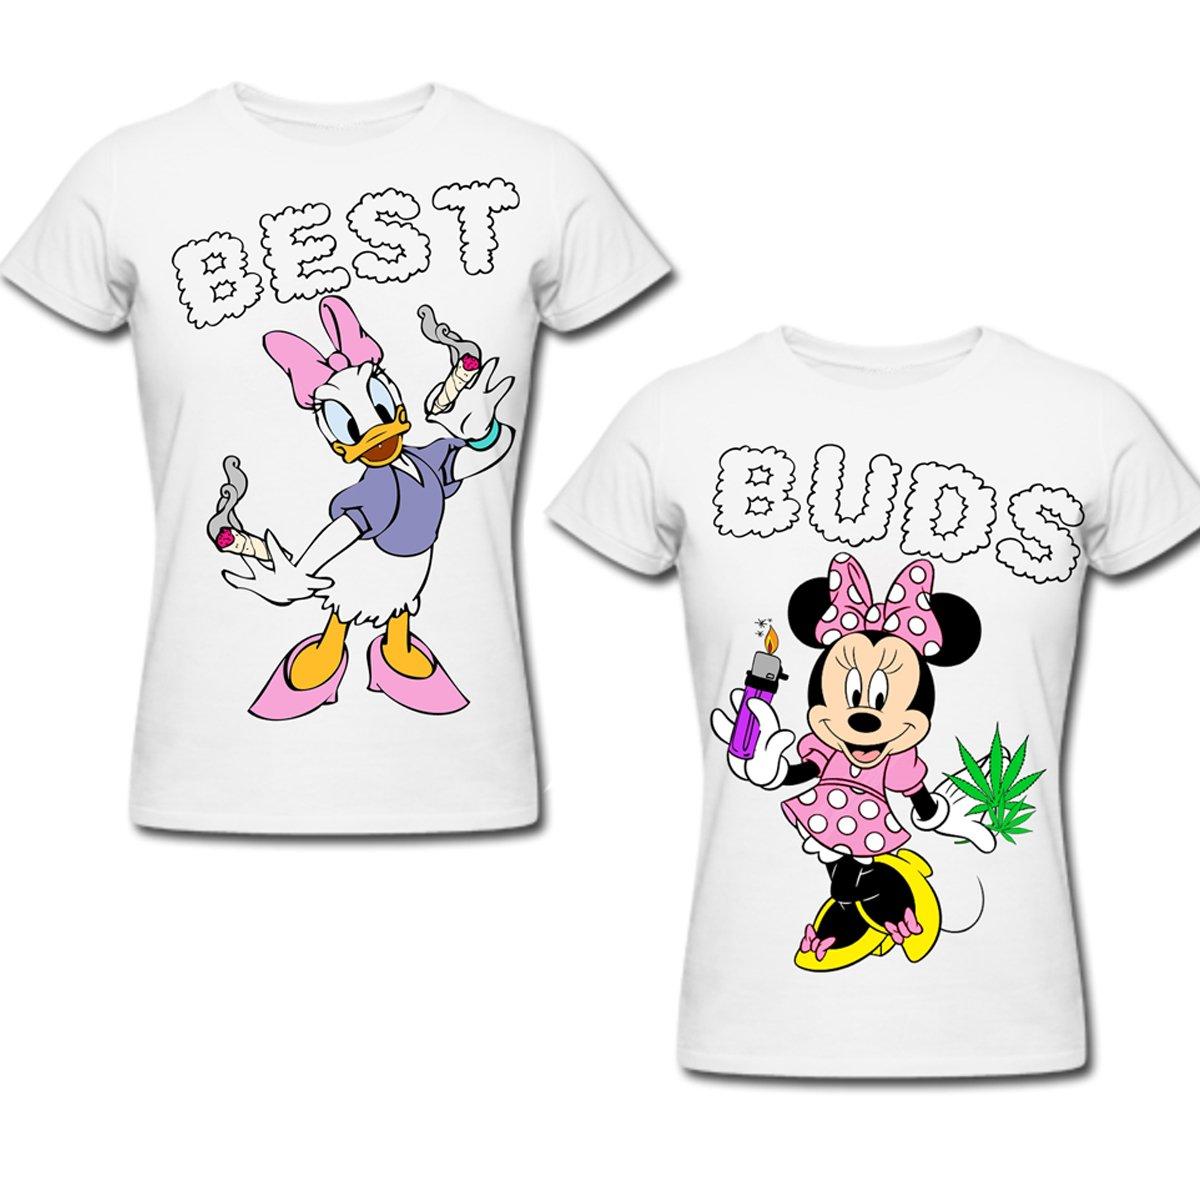 Image of Best Buds Tees